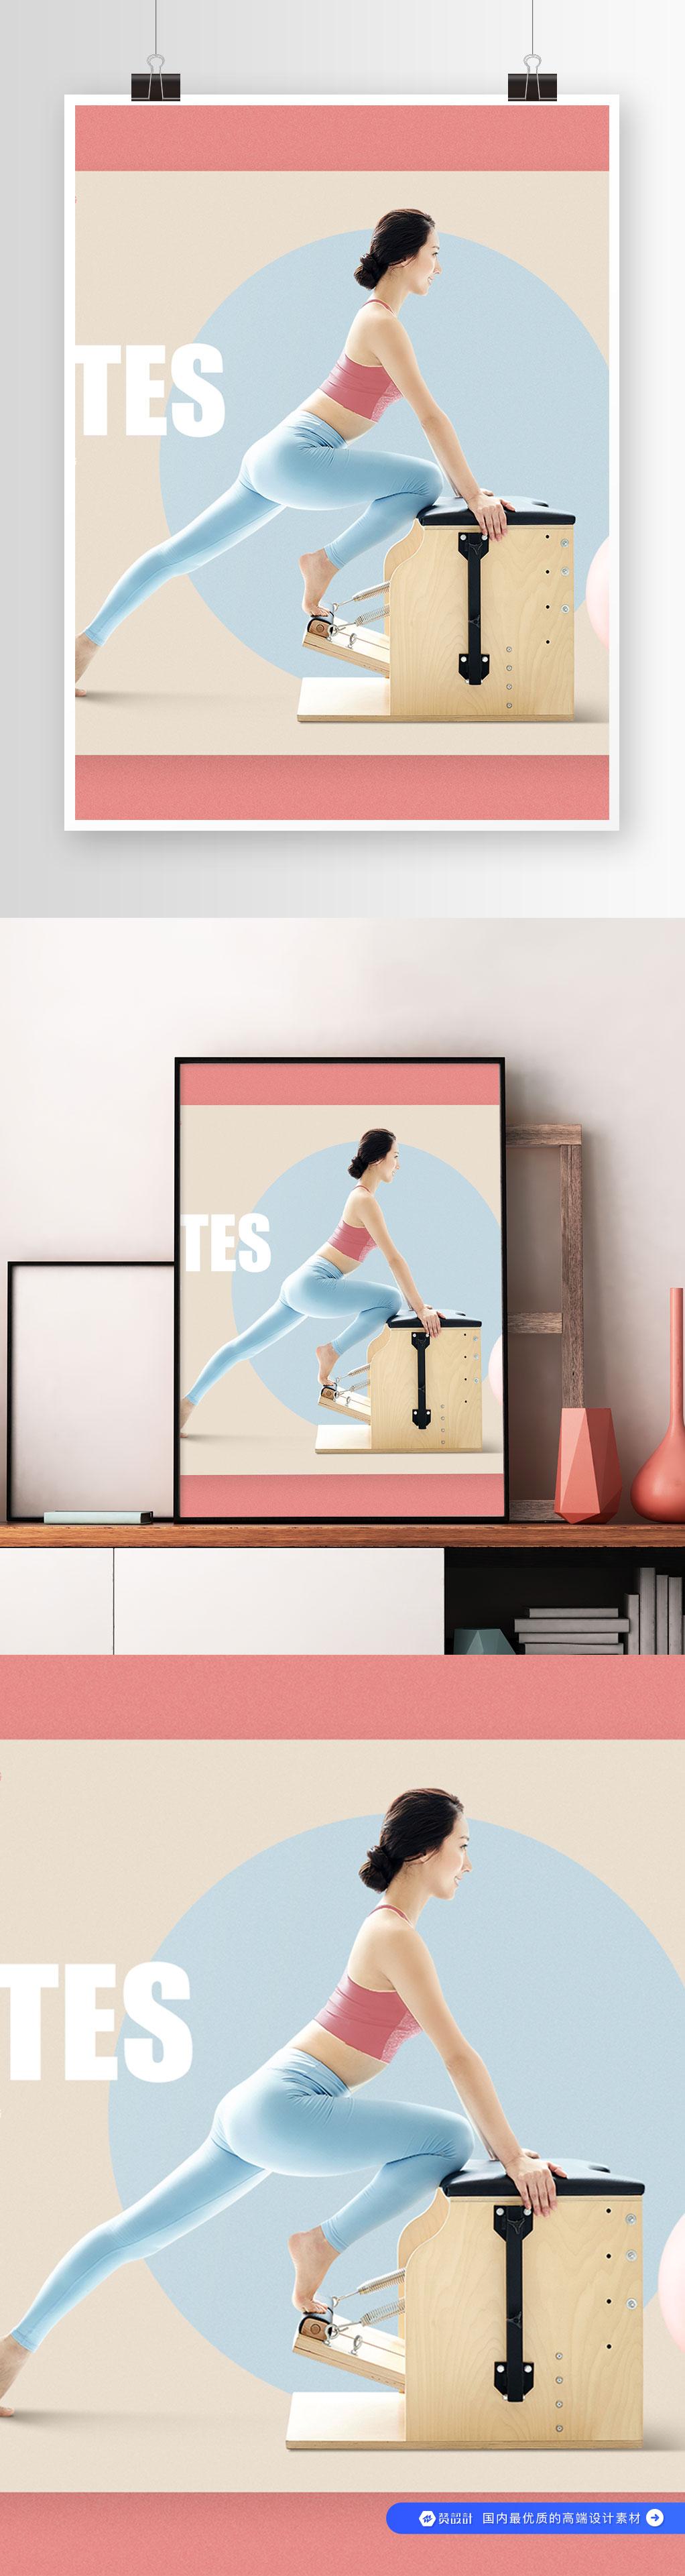 养生运动瑜伽美女健身海报设计素材(3)